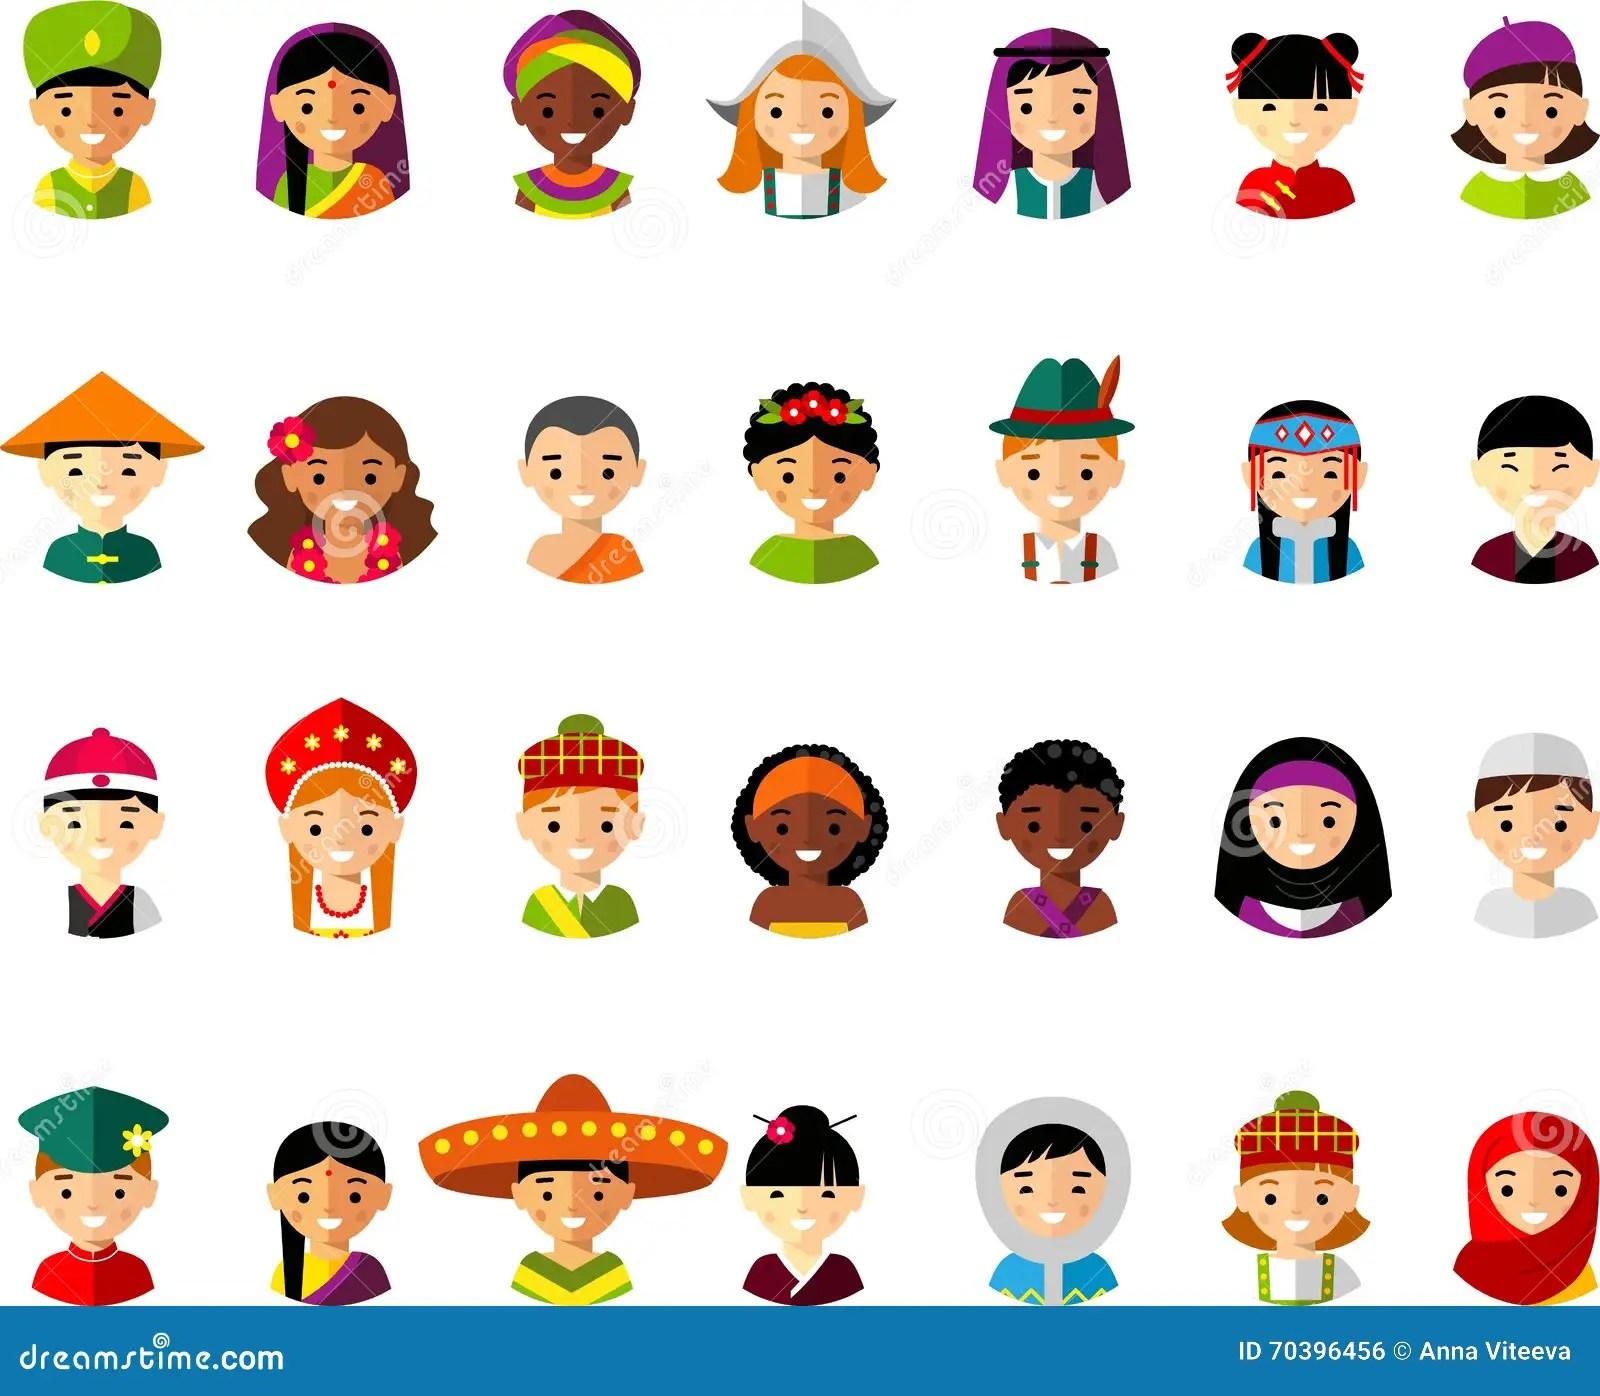 Vector Illustration Of Multicultural National Children